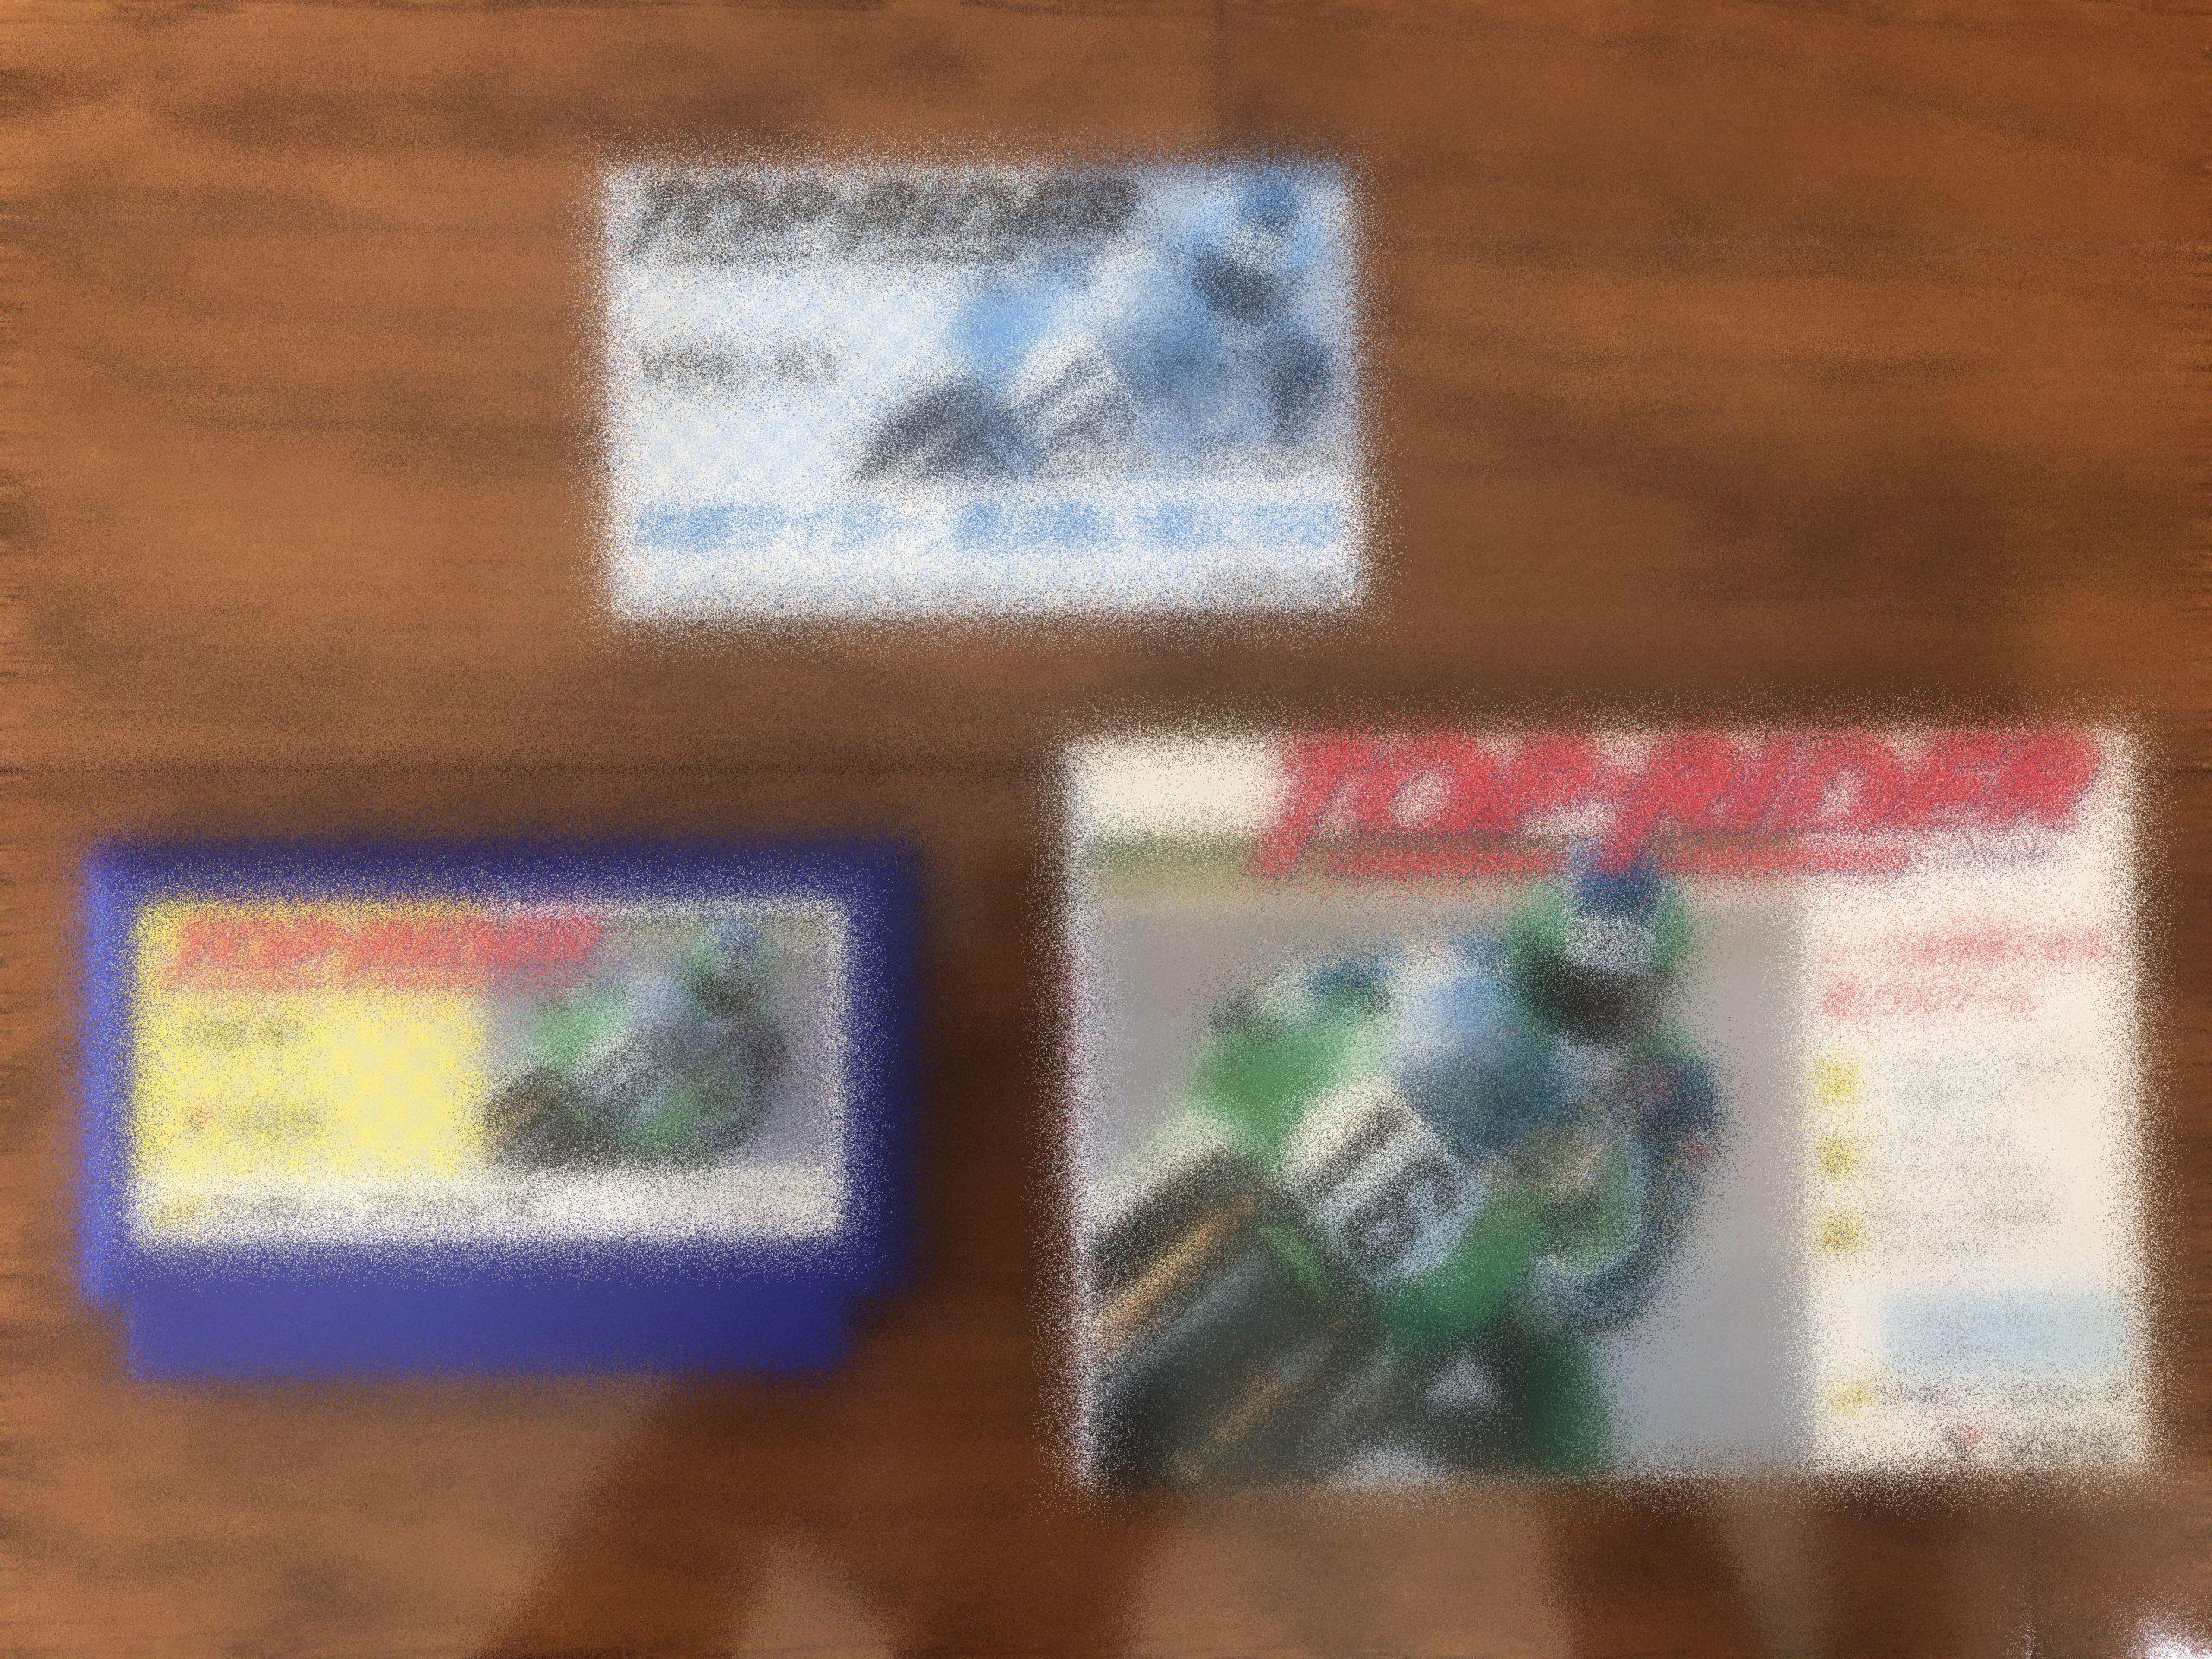 ファミコンカセットフルコンプエピソード8レアソフトのトップライダーをゲットしました。